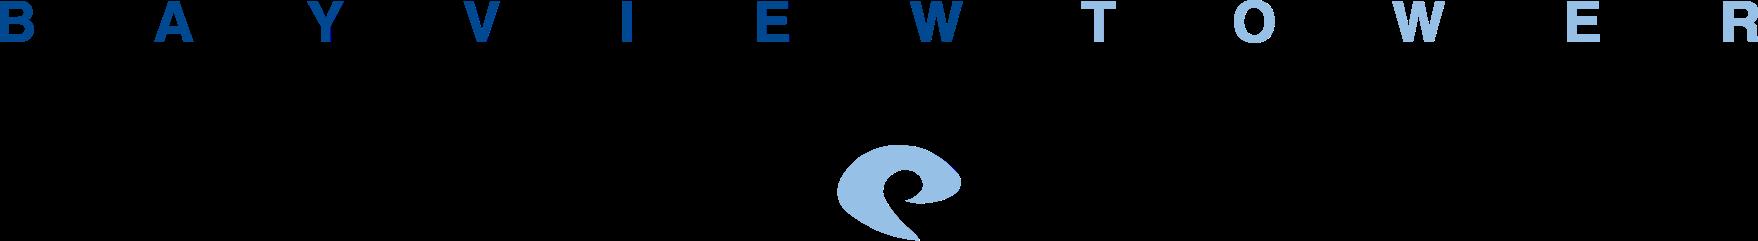 National City Property Logo 25